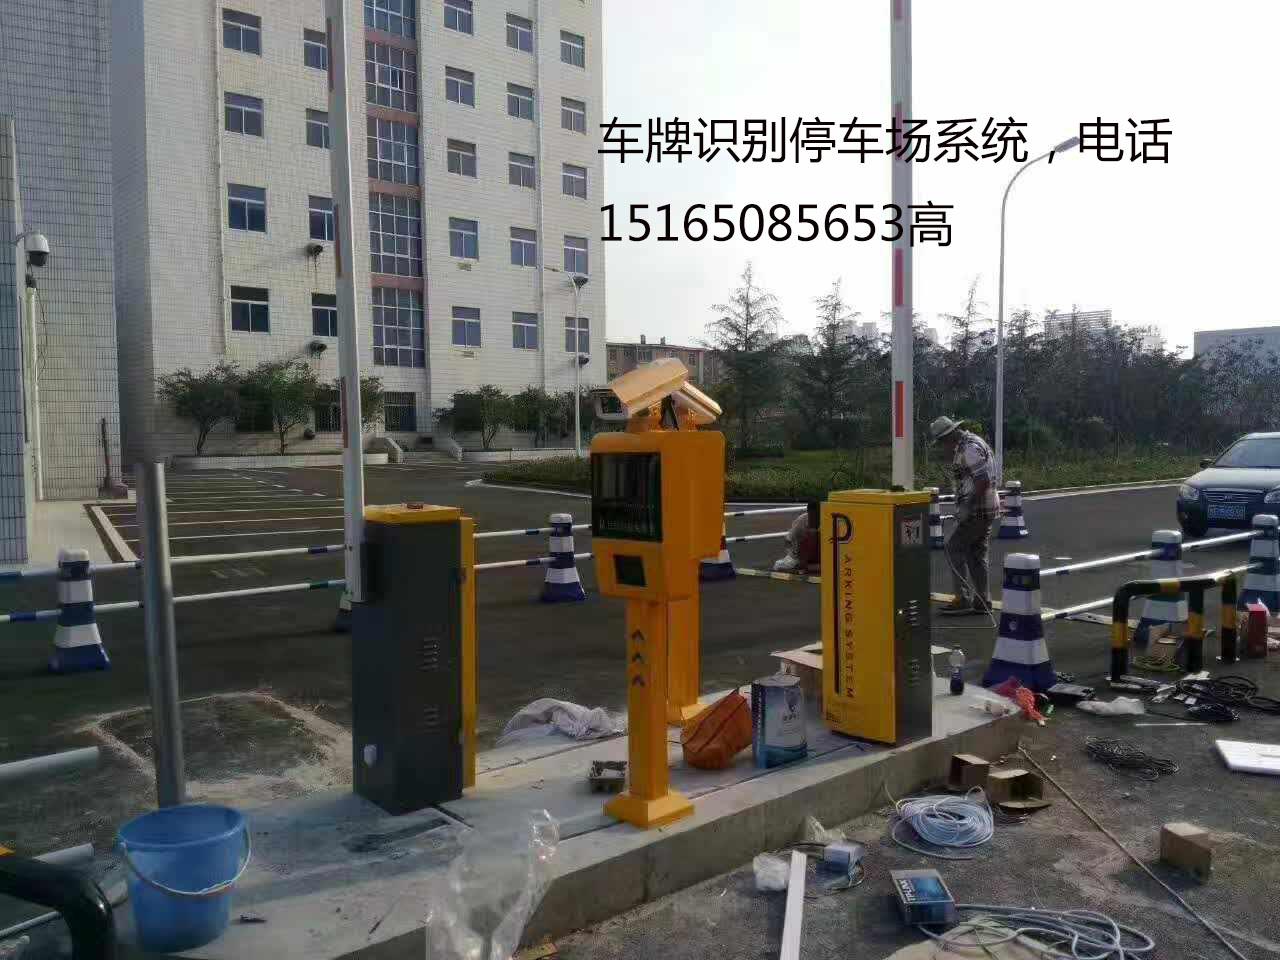 桓台县智能道闸系统道闸生产商